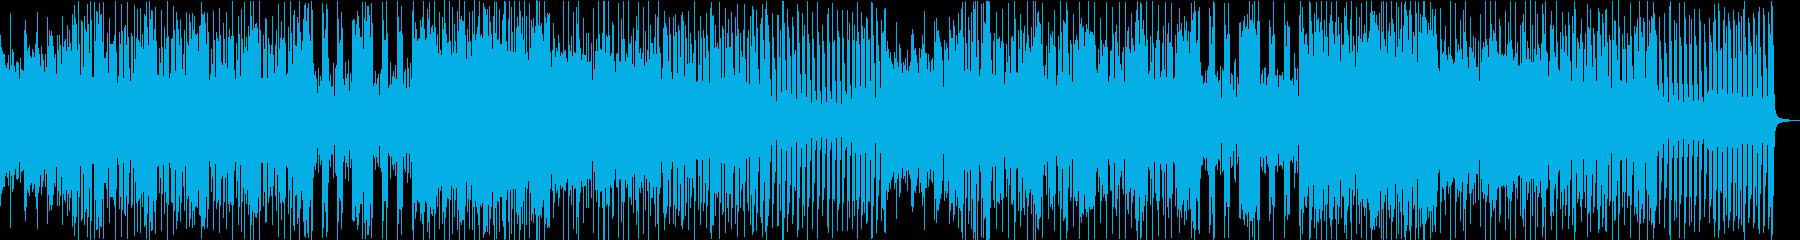 緊張感のあるプログレ戦闘曲/変拍子の再生済みの波形